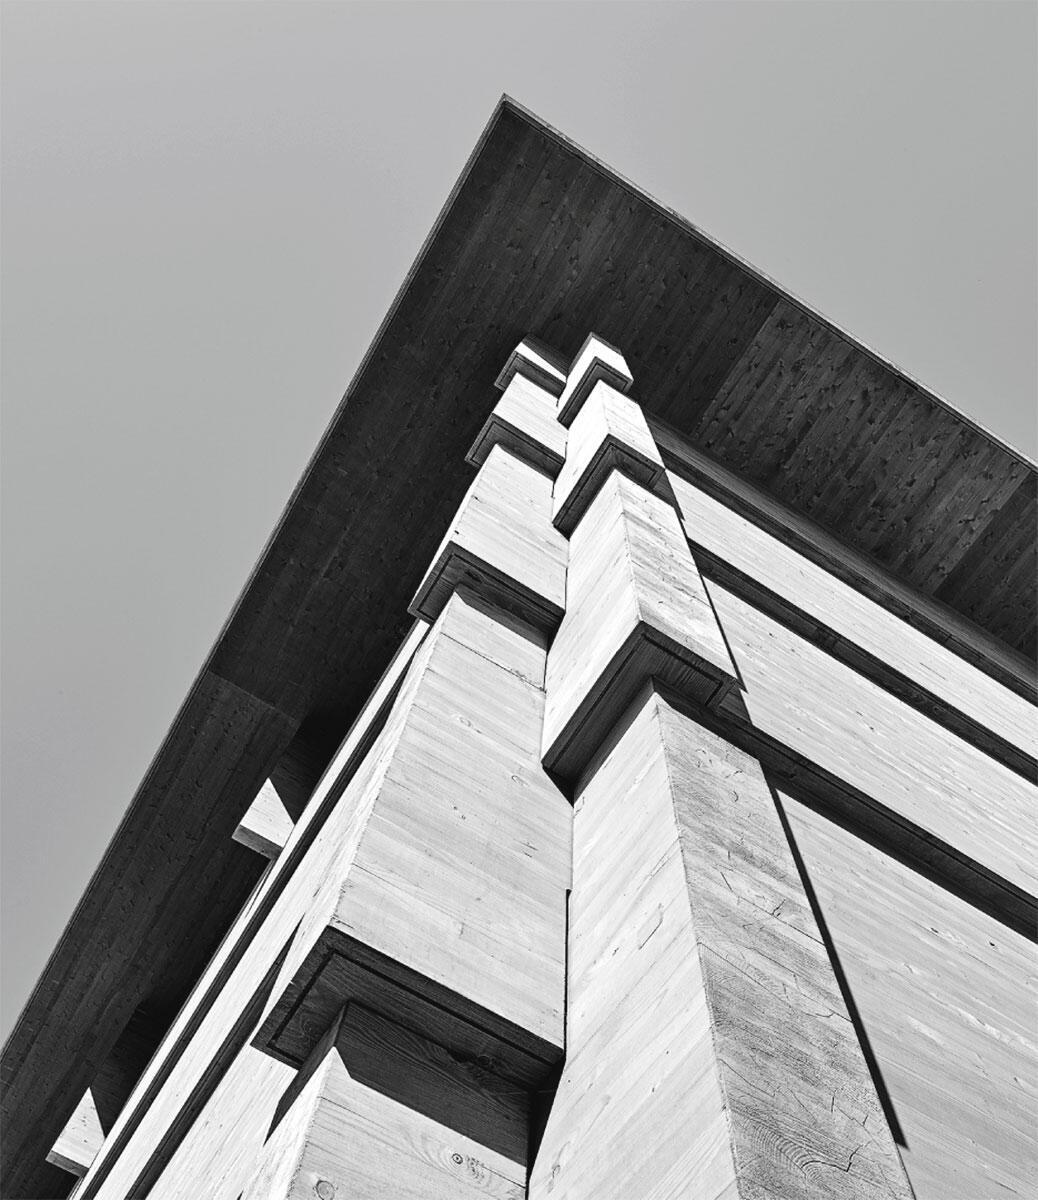 Strickbau neu in terpretiert. Eckverbund mit eing efräster Wassernase: AWEL-Werkhalle in Andelfingen von Rossetti + Wyss Architekten.